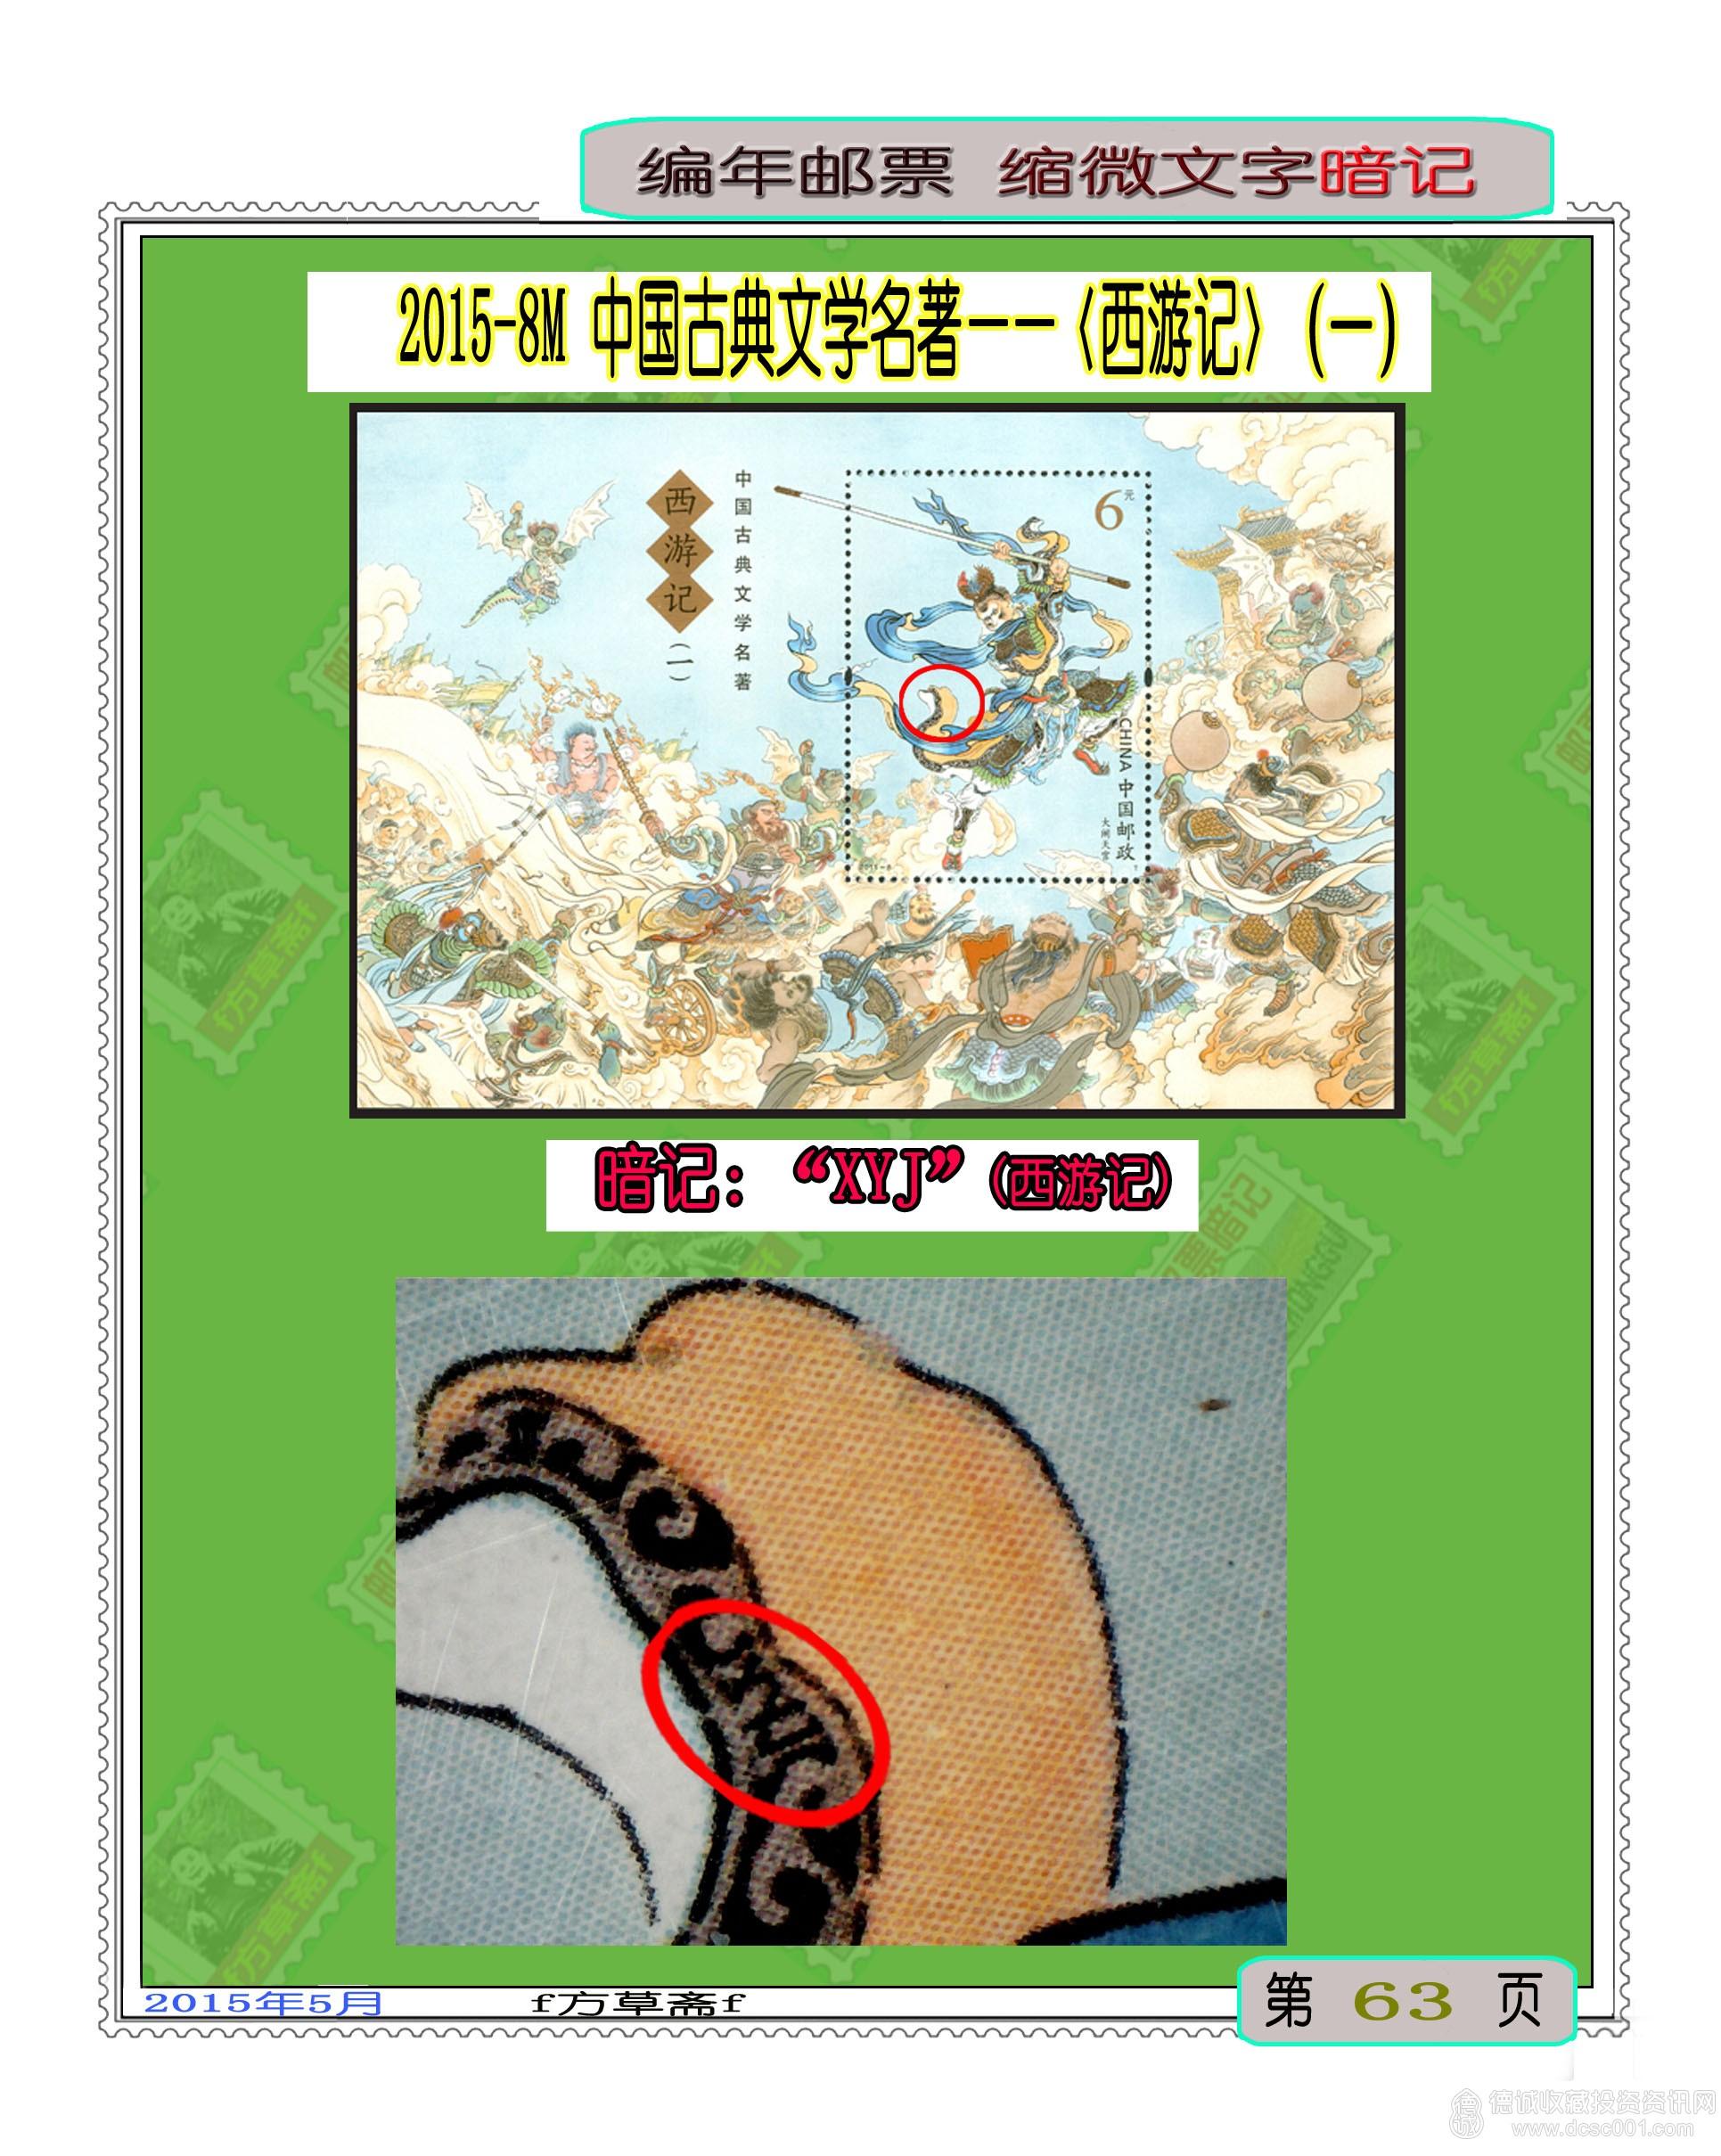 2015-8M 中国古典文学名著——〈西游记〉(一).jpg